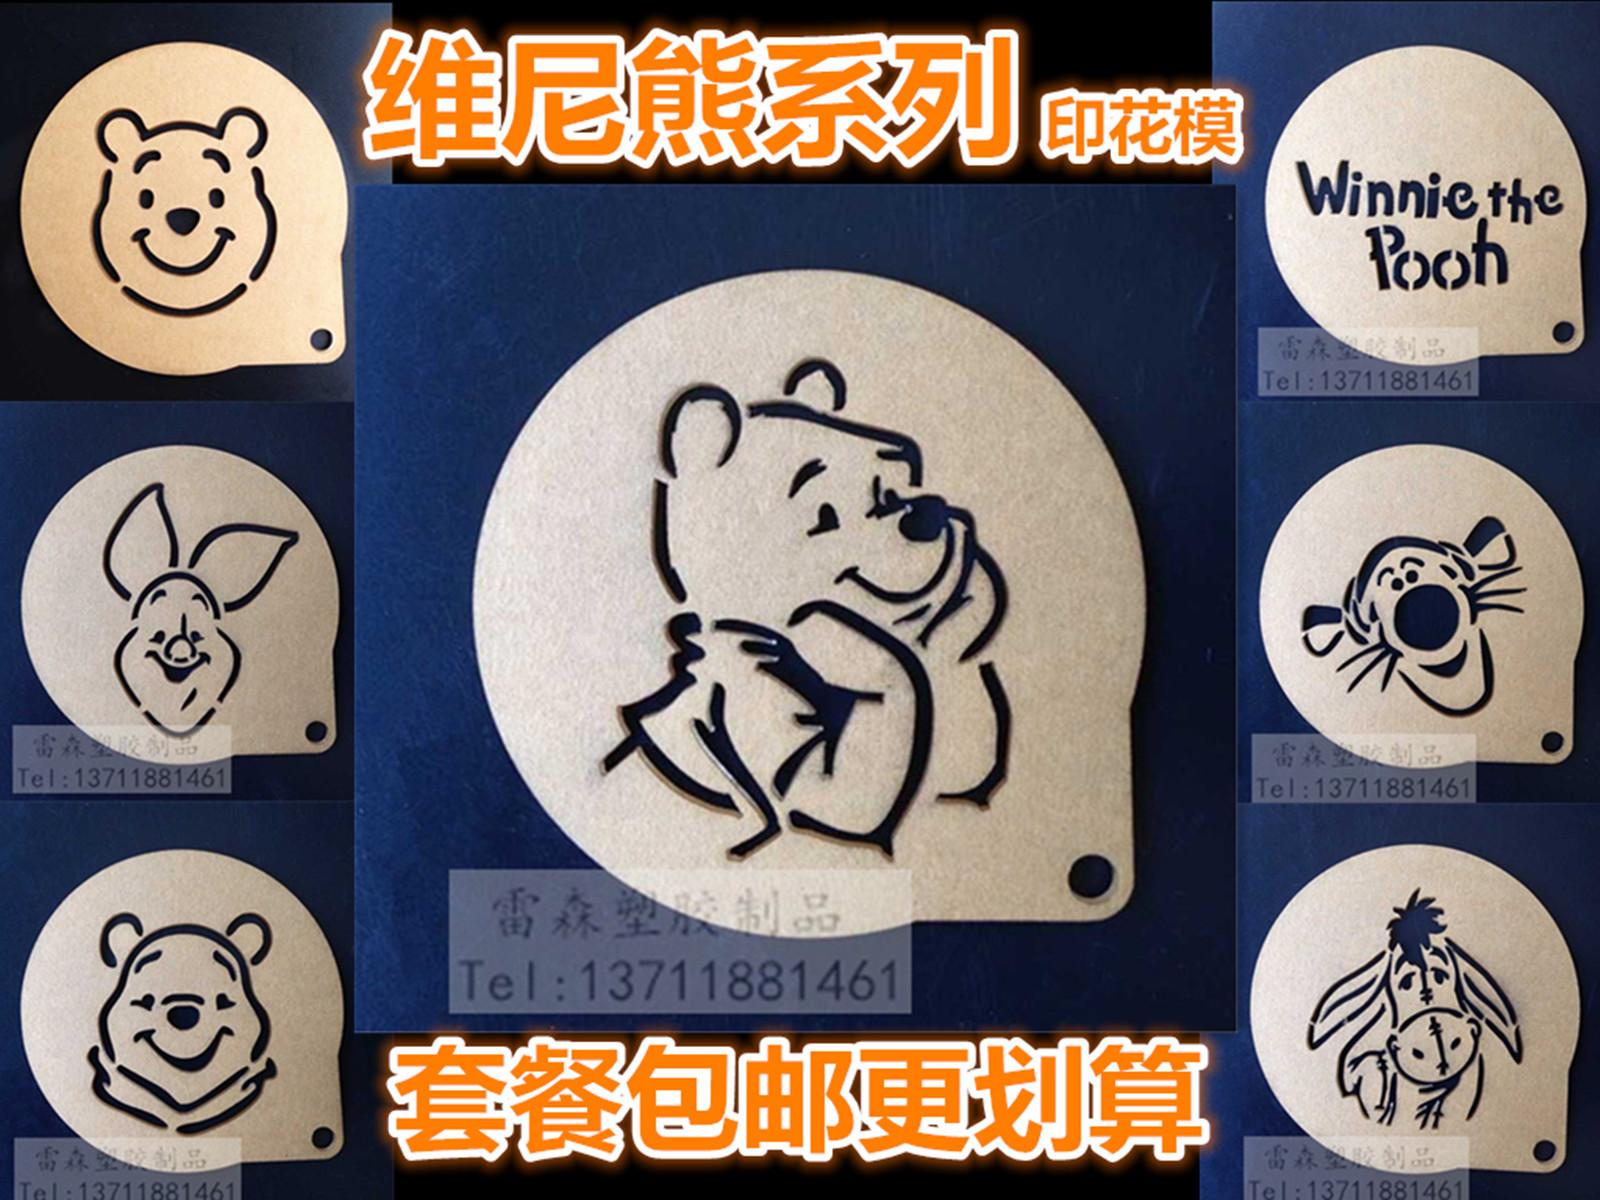 8寸卡通维尼熊提拉米苏蛋糕印花烘培模具糖霜蛋糕装饰喷花糖粉筛